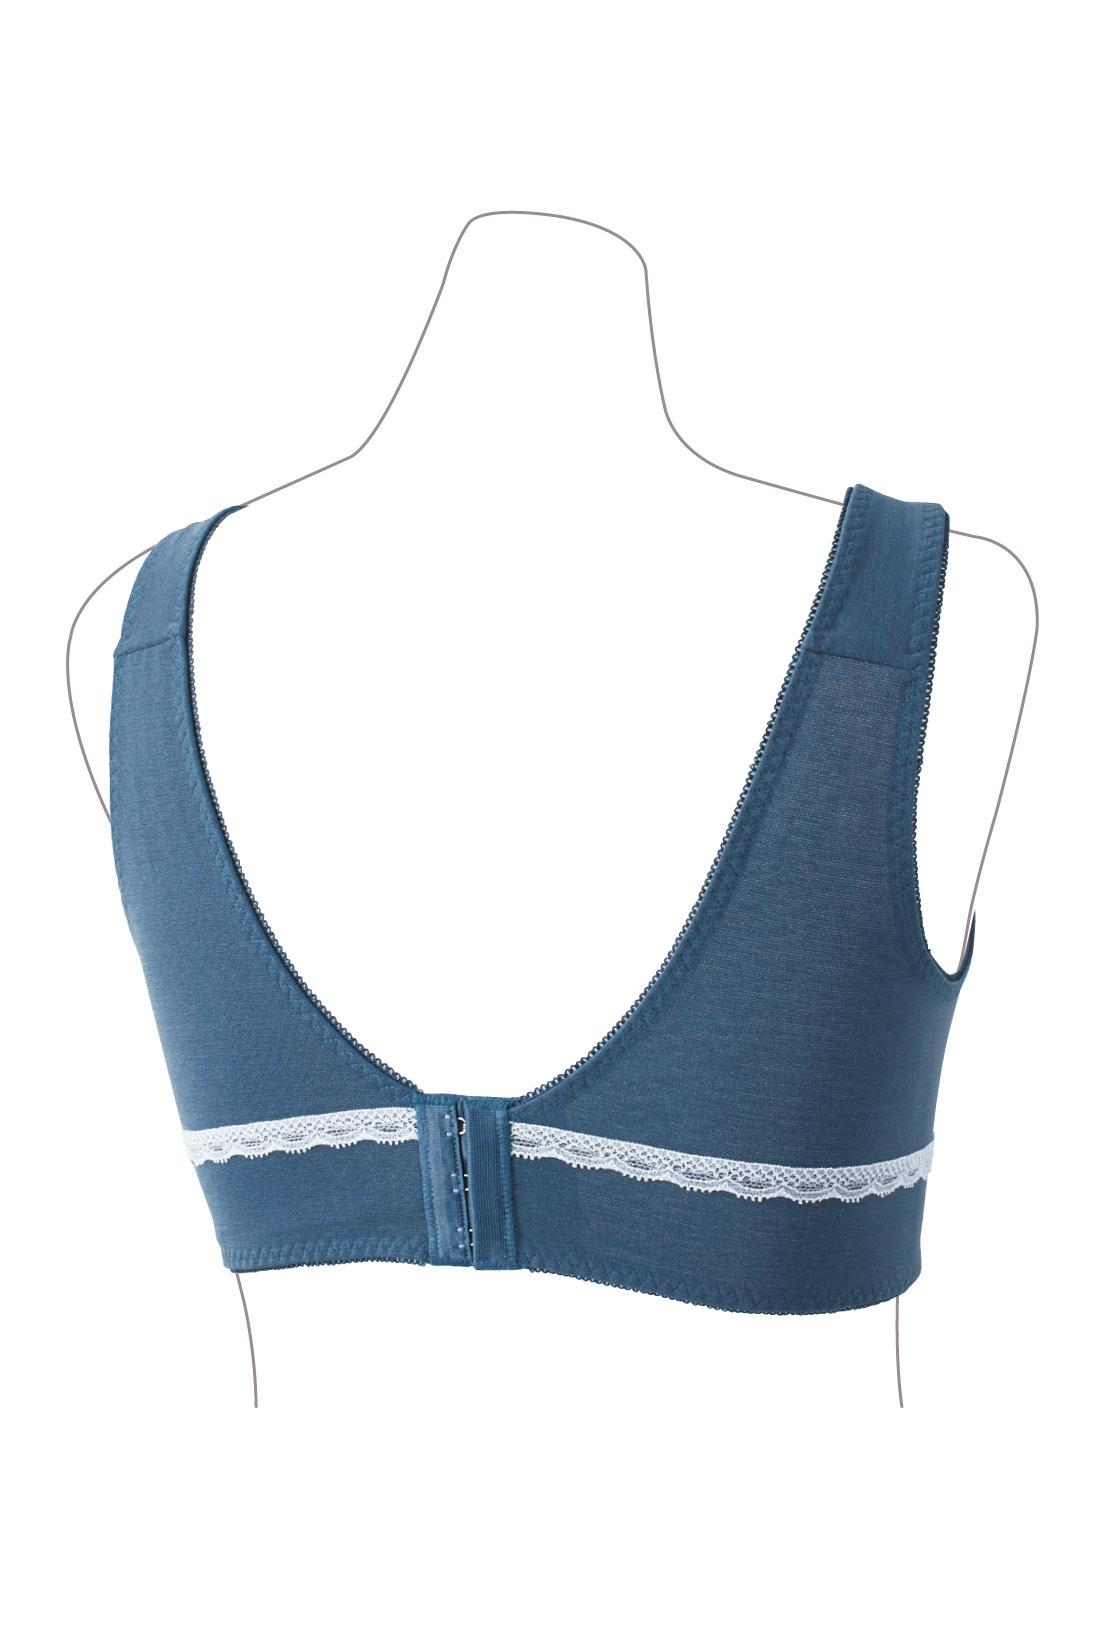 BACK 幅広の5.7cm幅のホックを採用。ノンワイヤーでも安定感のある着け心地。